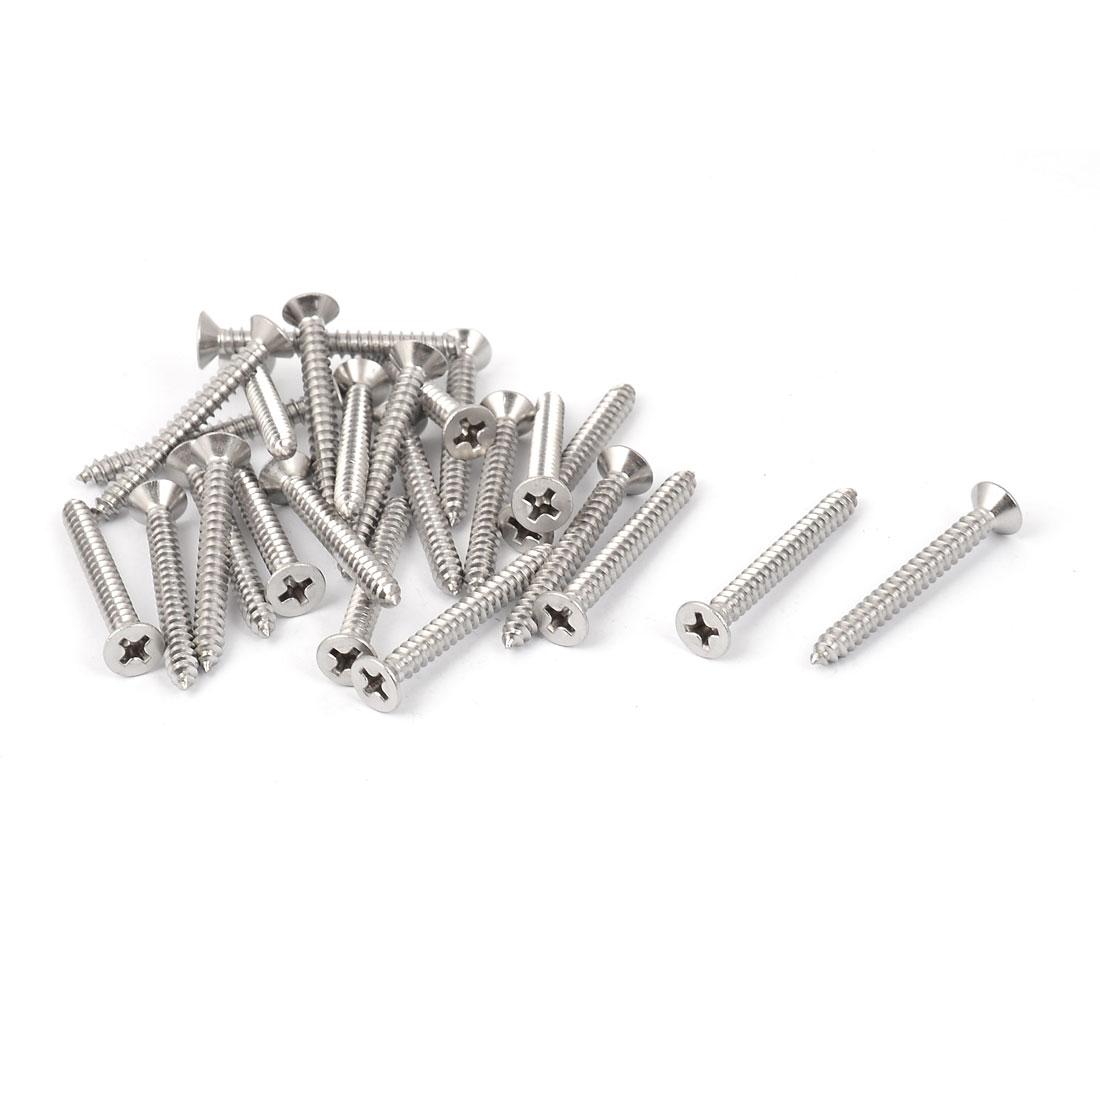 M3.9 x 35mm Flat Head Phillips Self Tapping Screw Fasteners Silver Tone 25 Pcs